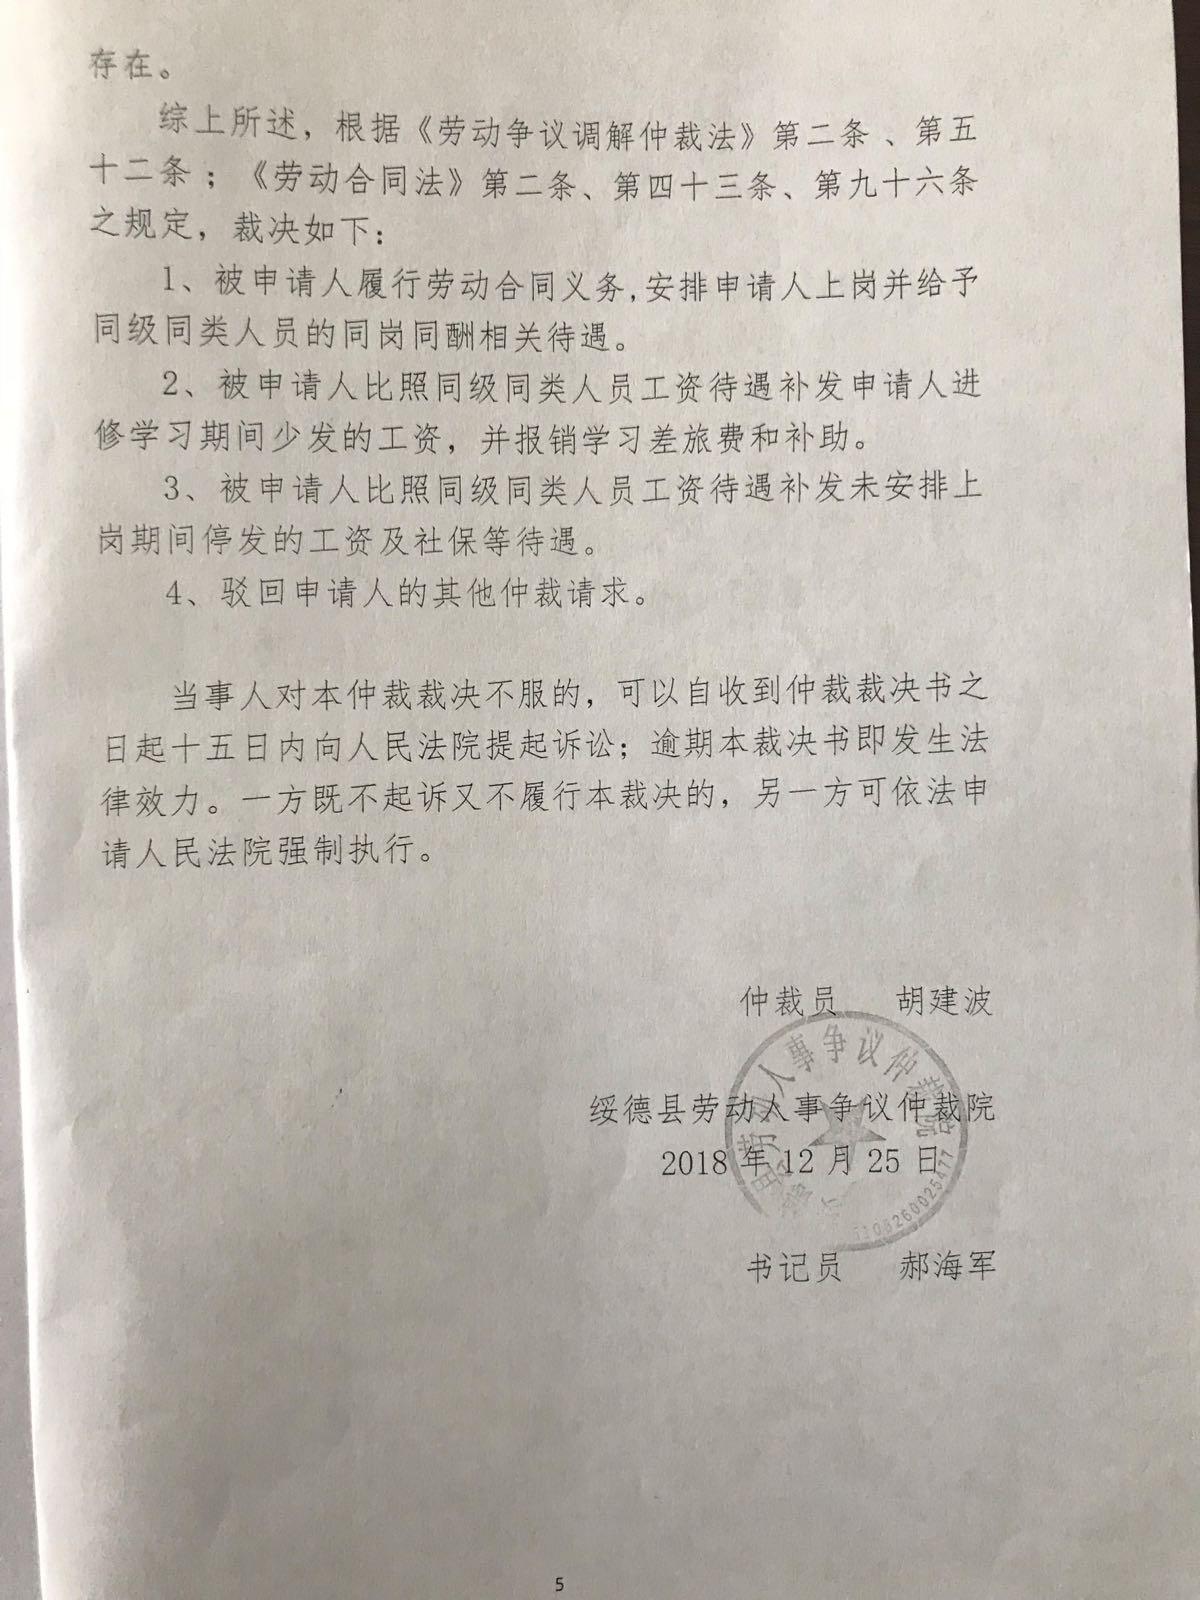 绥德县劳动人事争议仲裁院2018年12月25日作出的裁决书